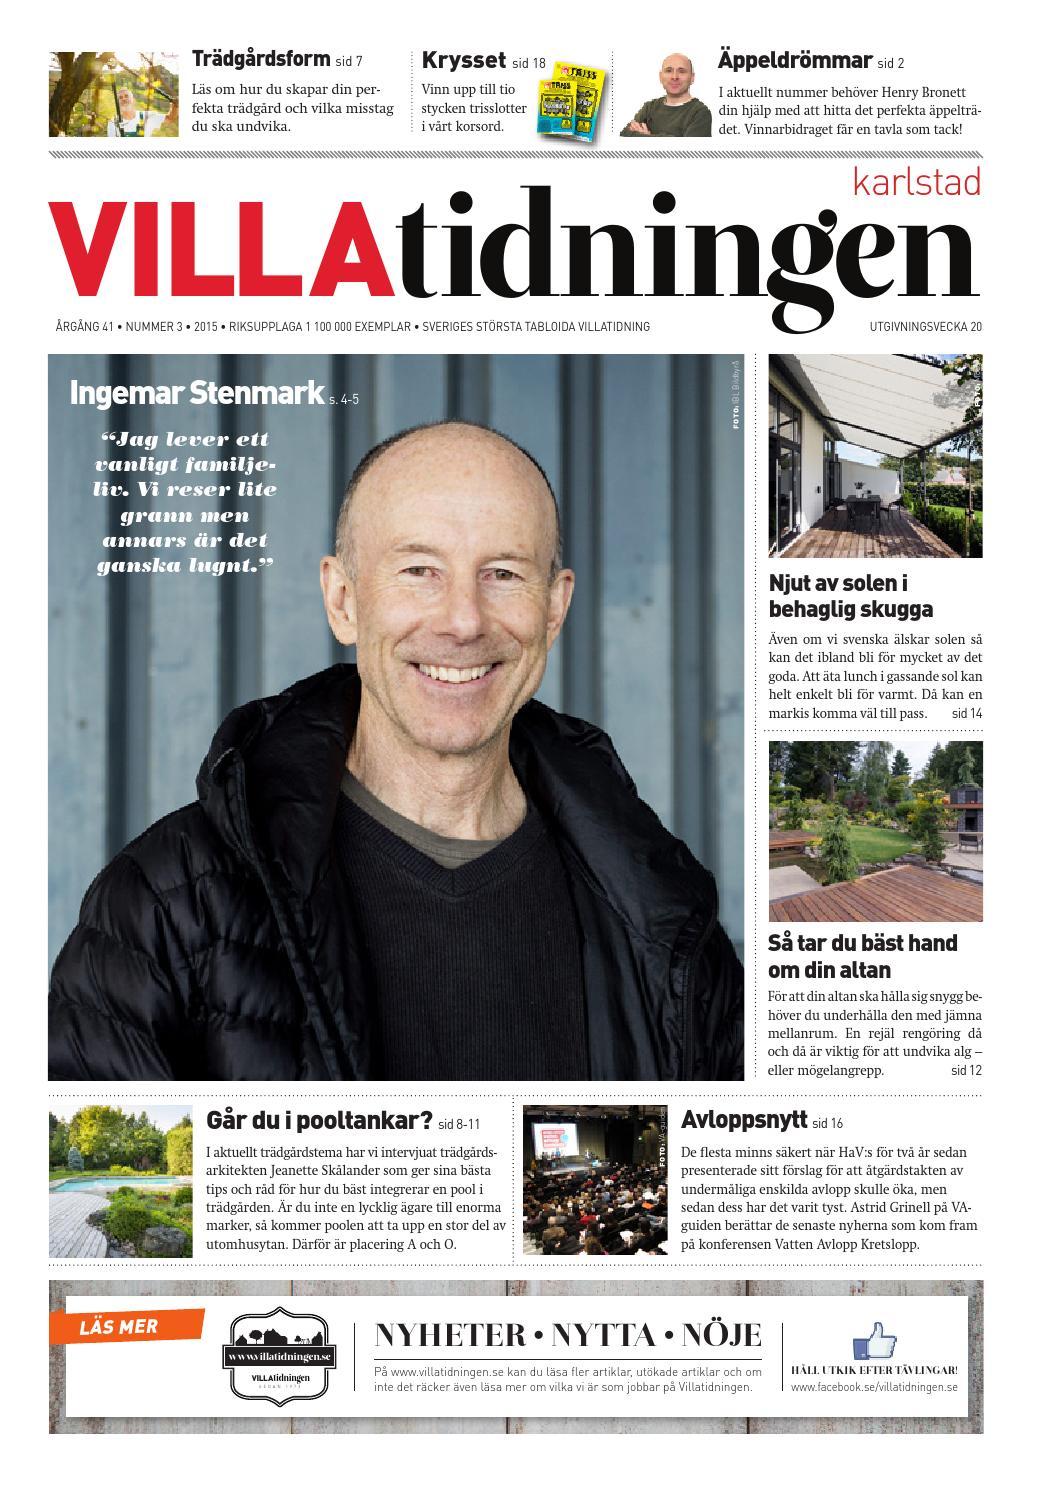 Karlstad #3 by villatidningen   issuu